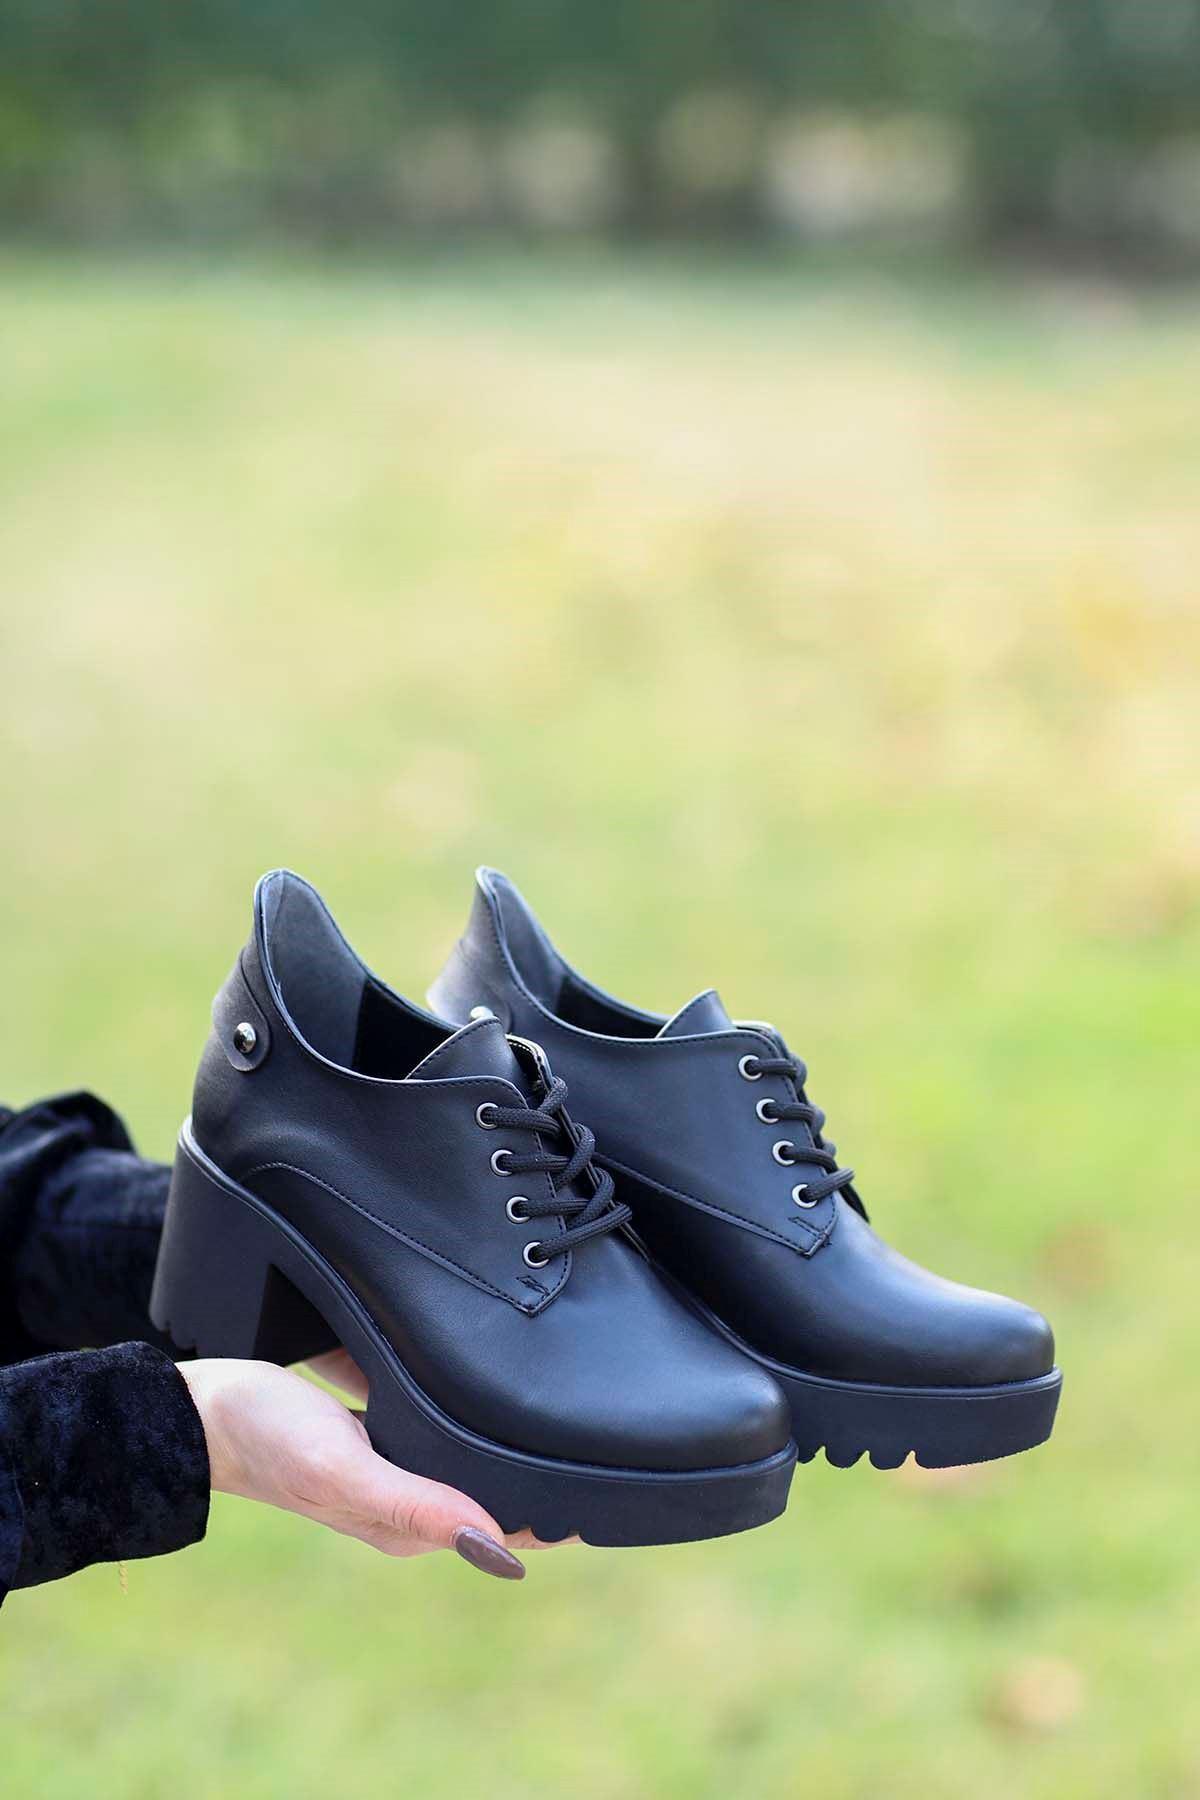 Mami-5654 Topuklu Ayakkabı Siyah Deri